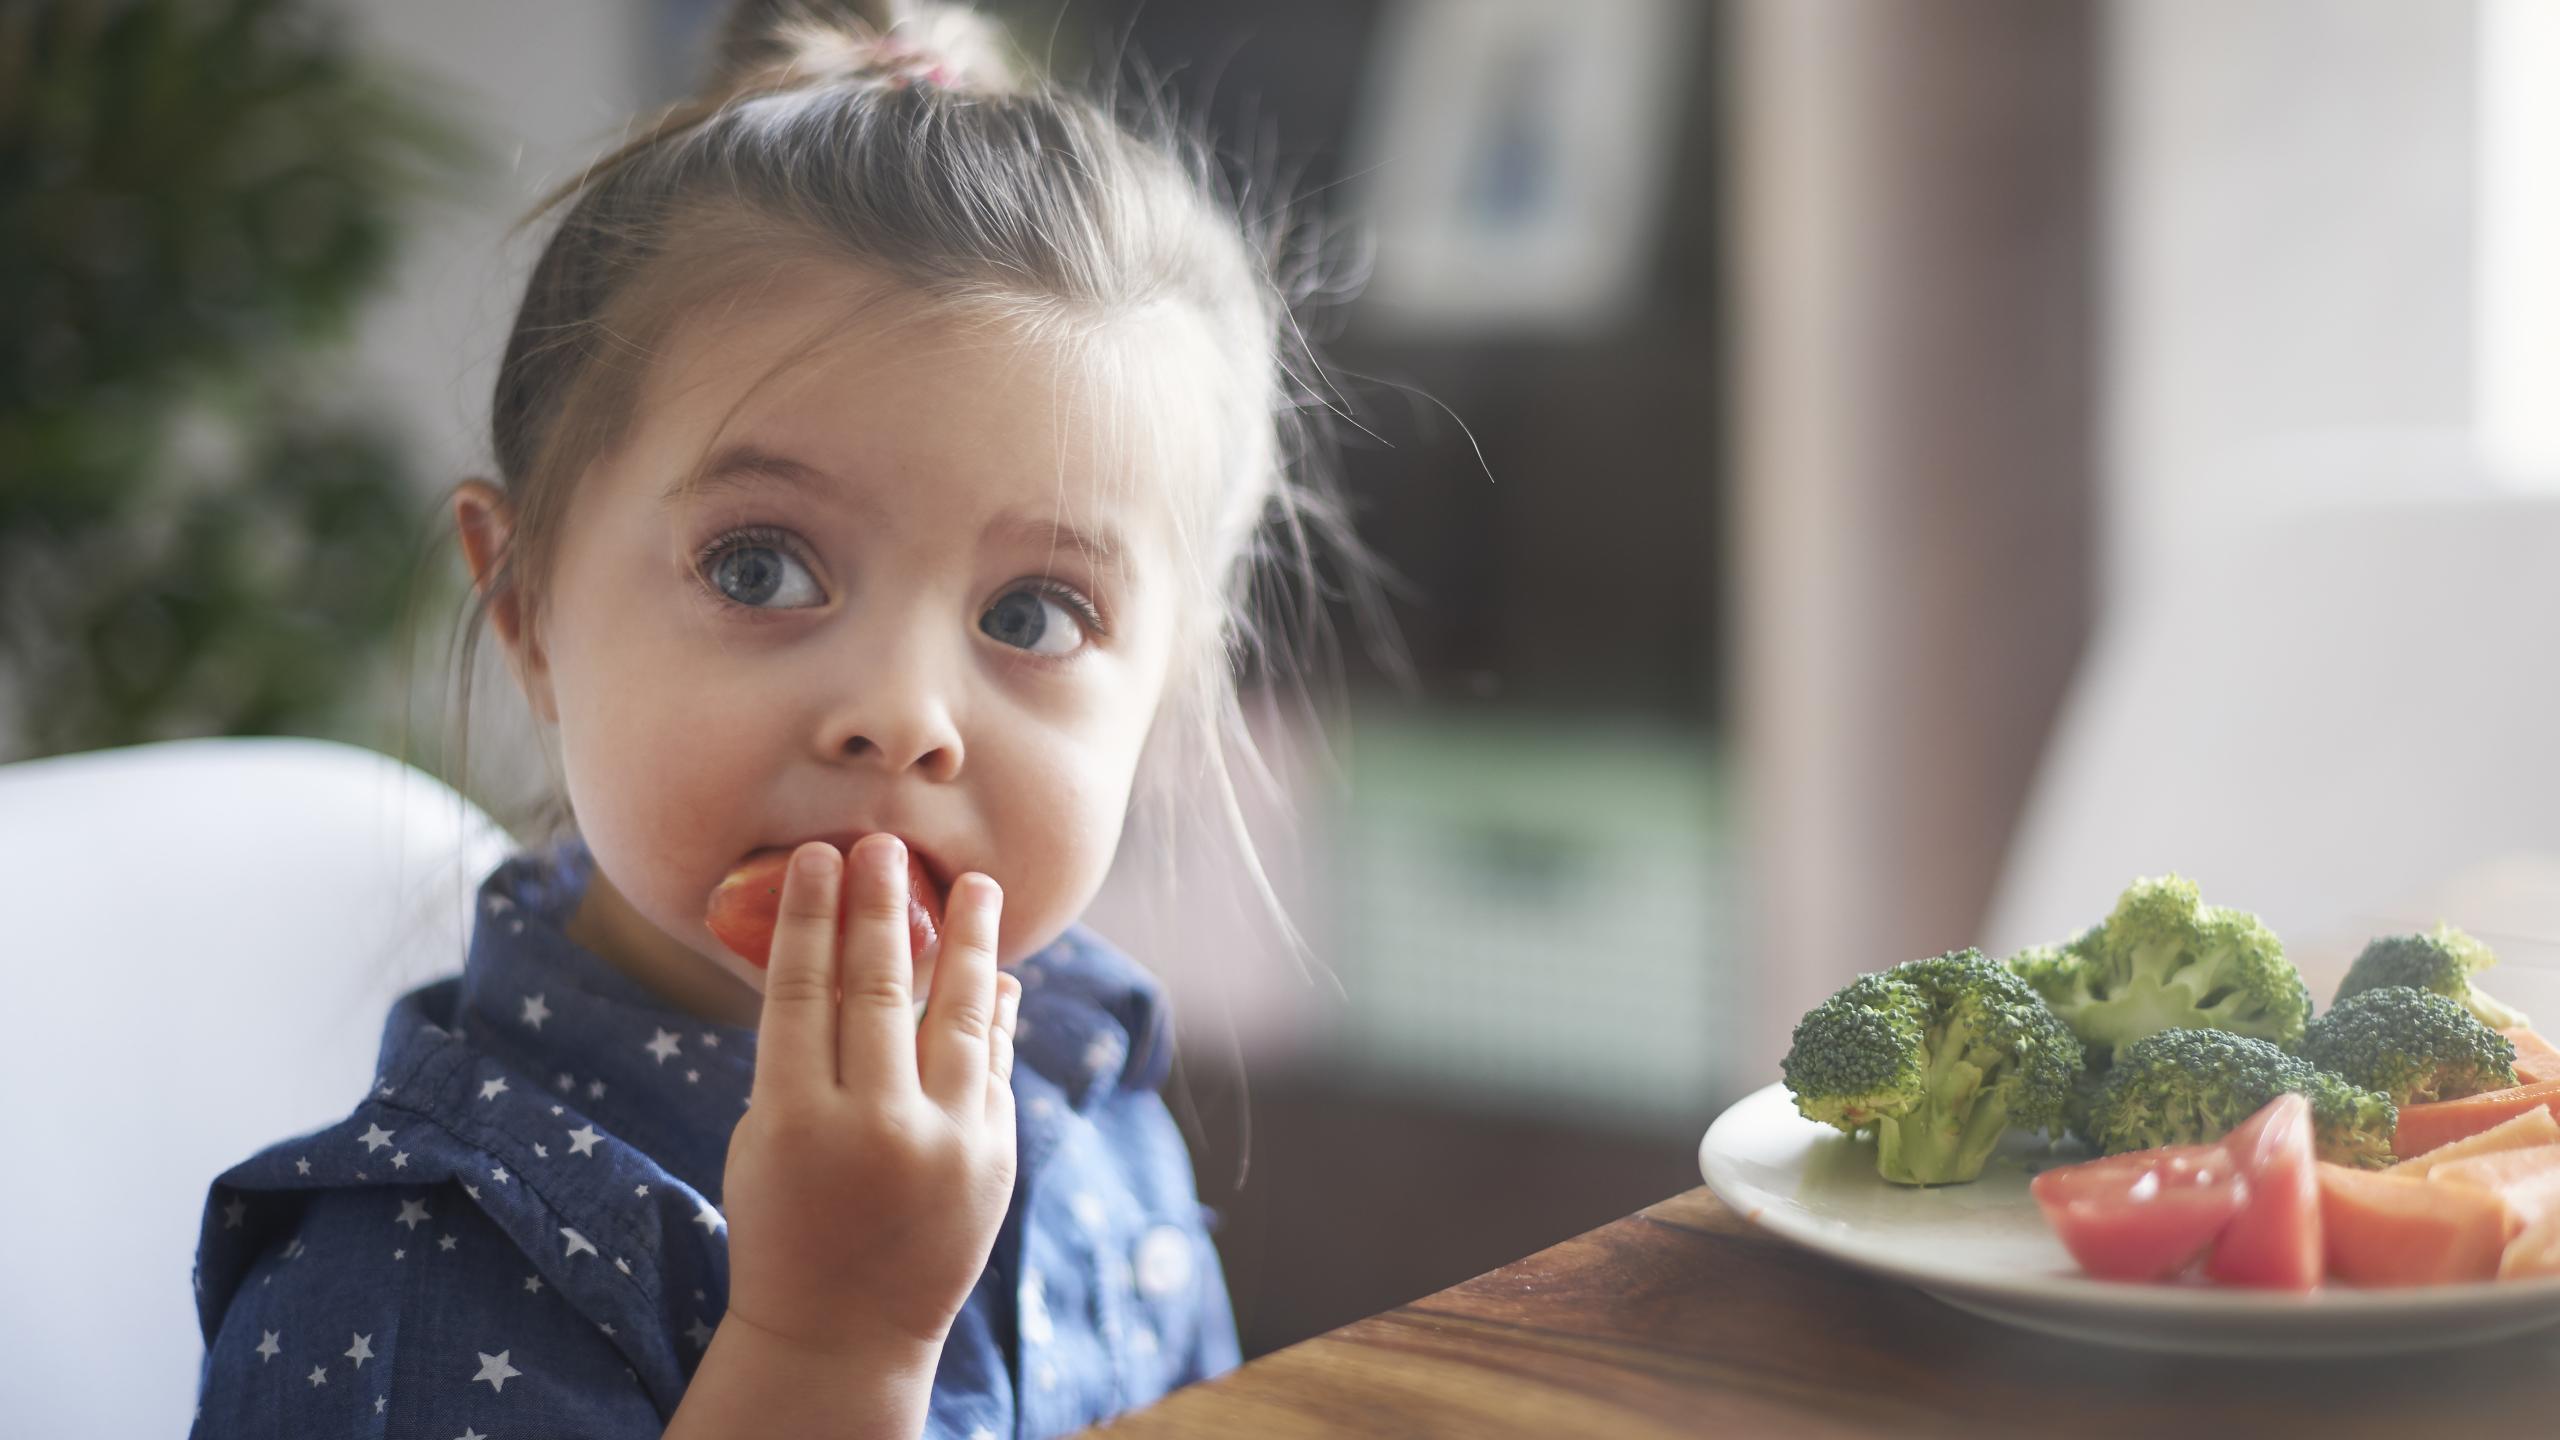 Дети менее привередливы в пище, когда родители не заставляют их есть